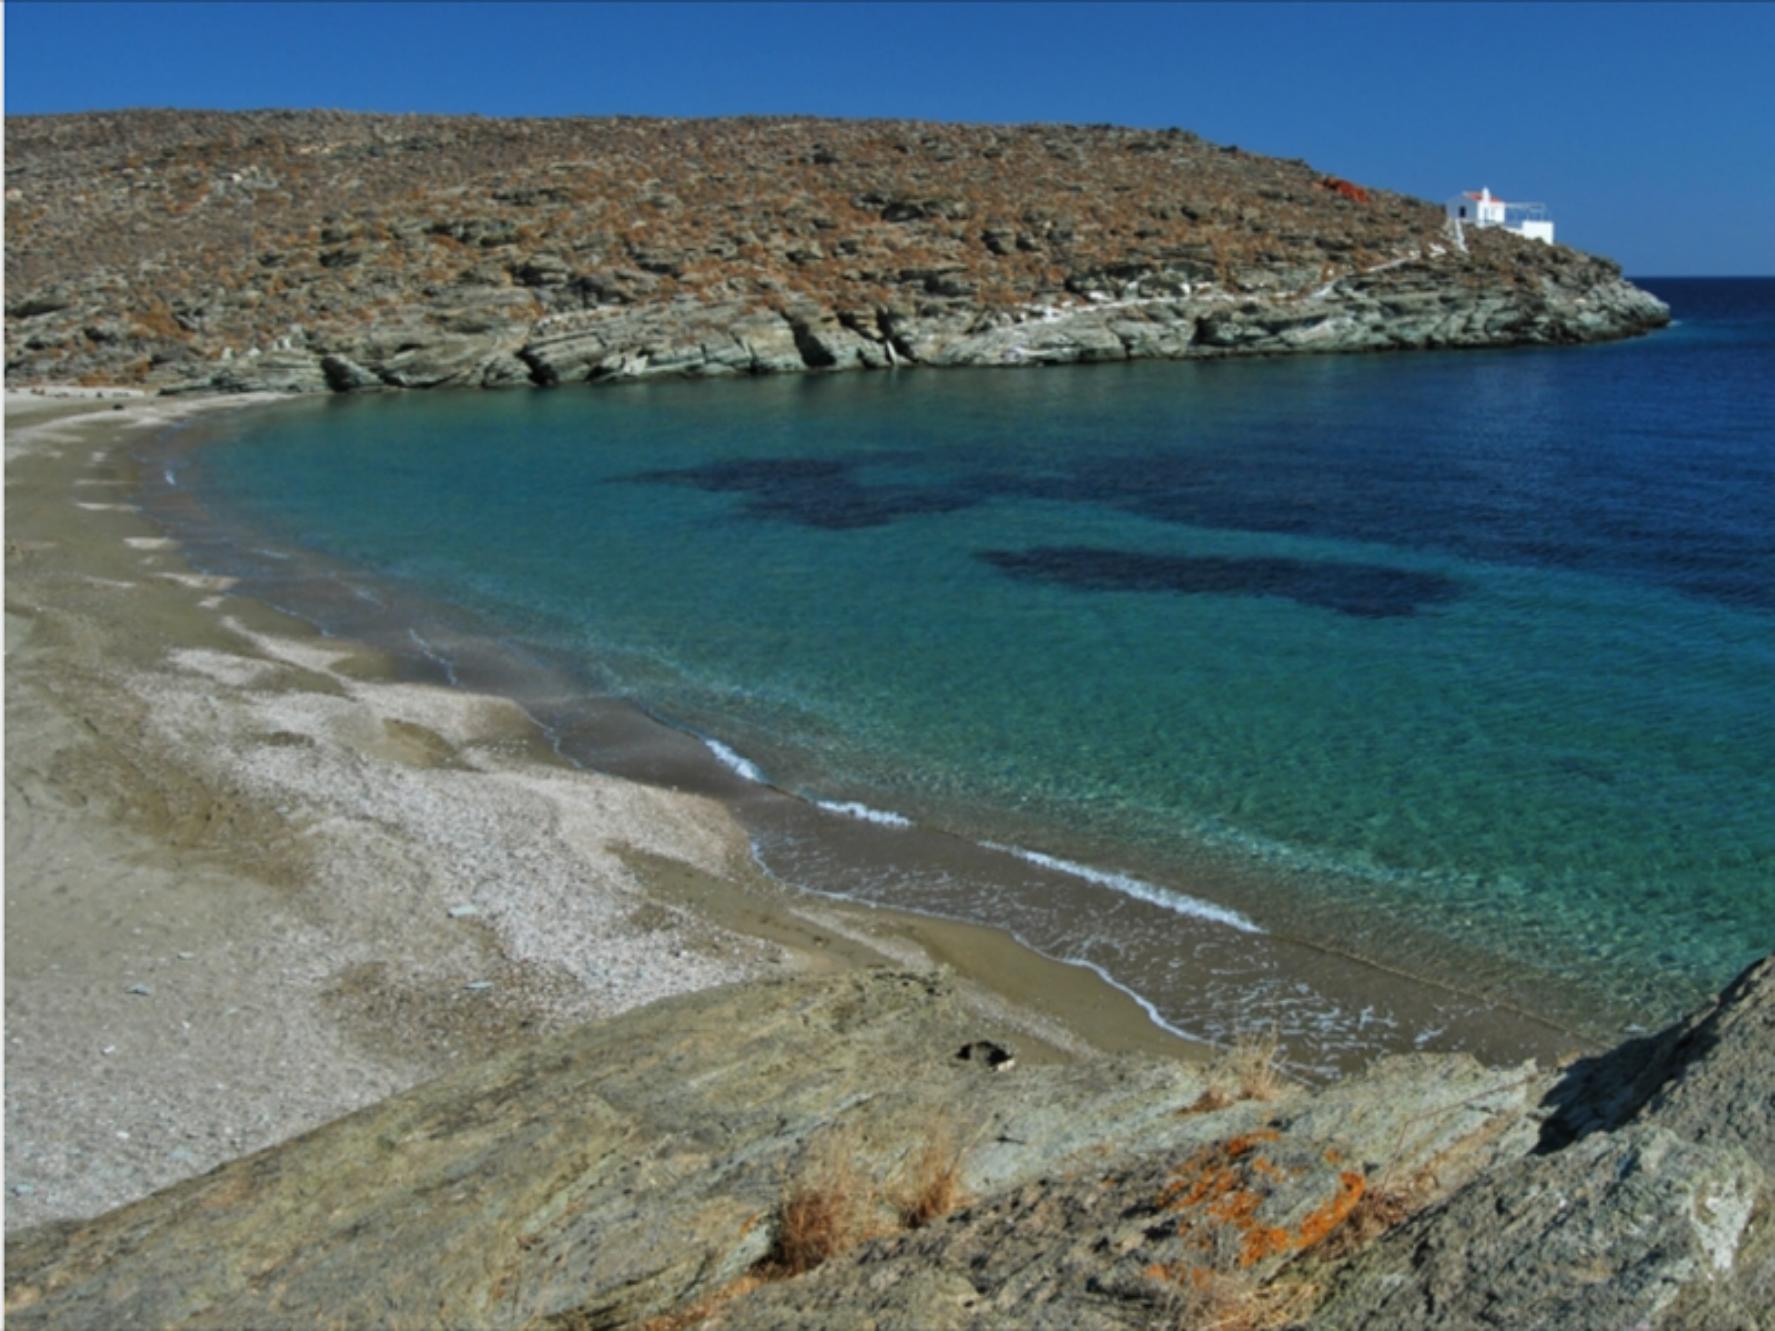 Maison au bord de la mer Egée